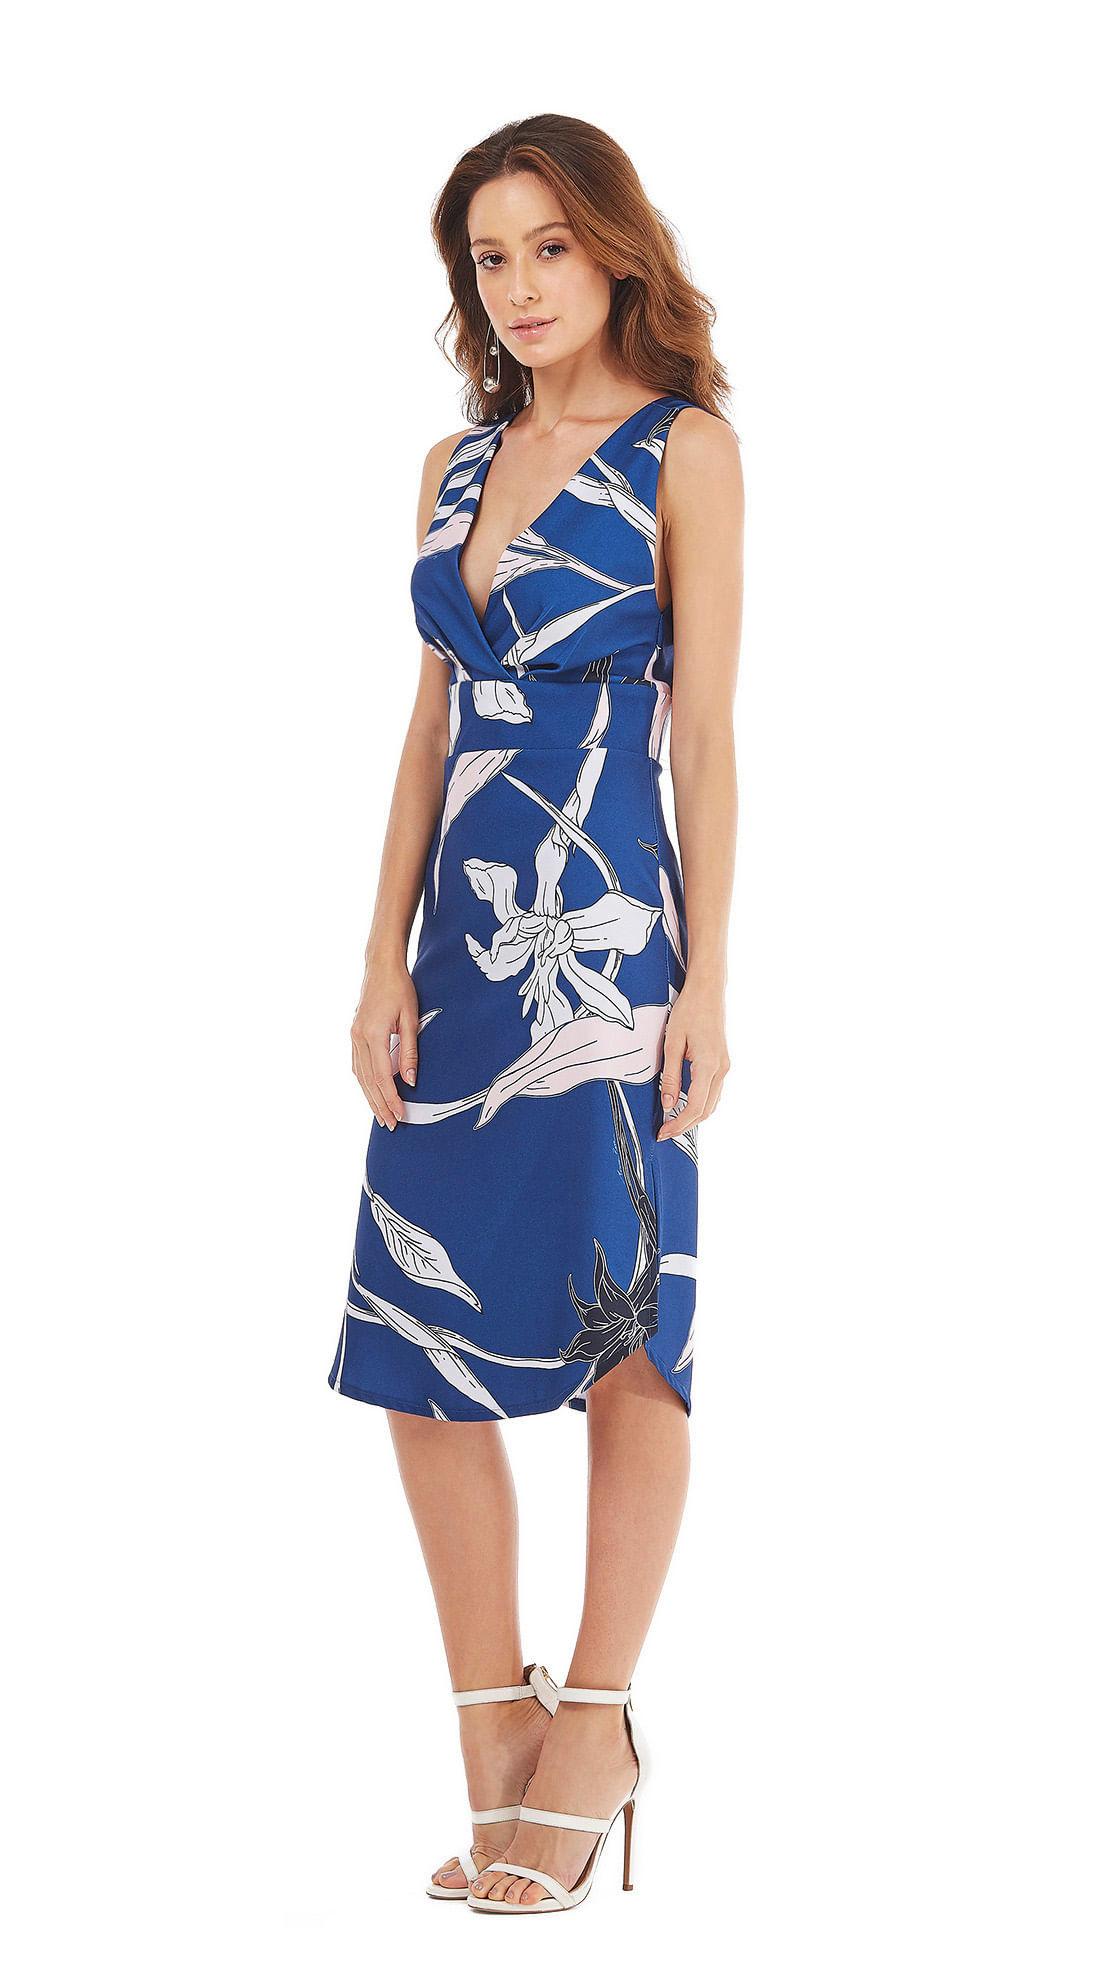 f734bc1be0 Vestido Curto Decote V Minha Morena Azul - morenarosa